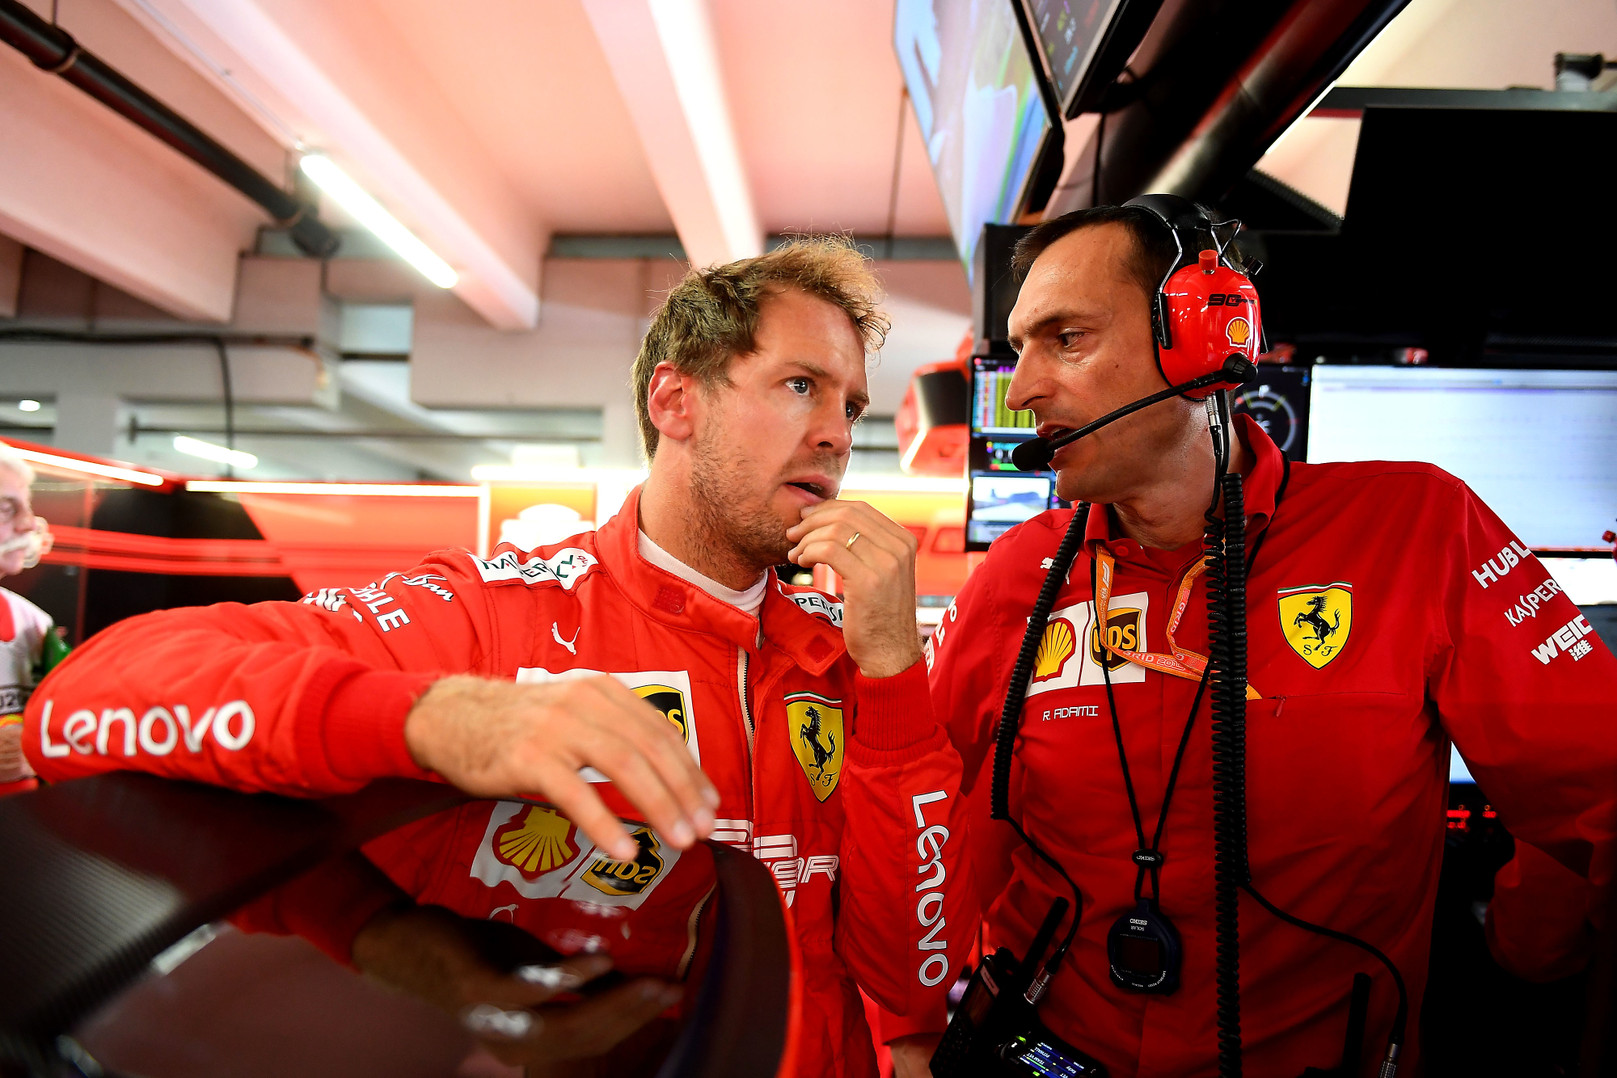 S. Vettelis tikisi sėkmingesnio komandos pasirodymo Belgijoje ir Italijoje